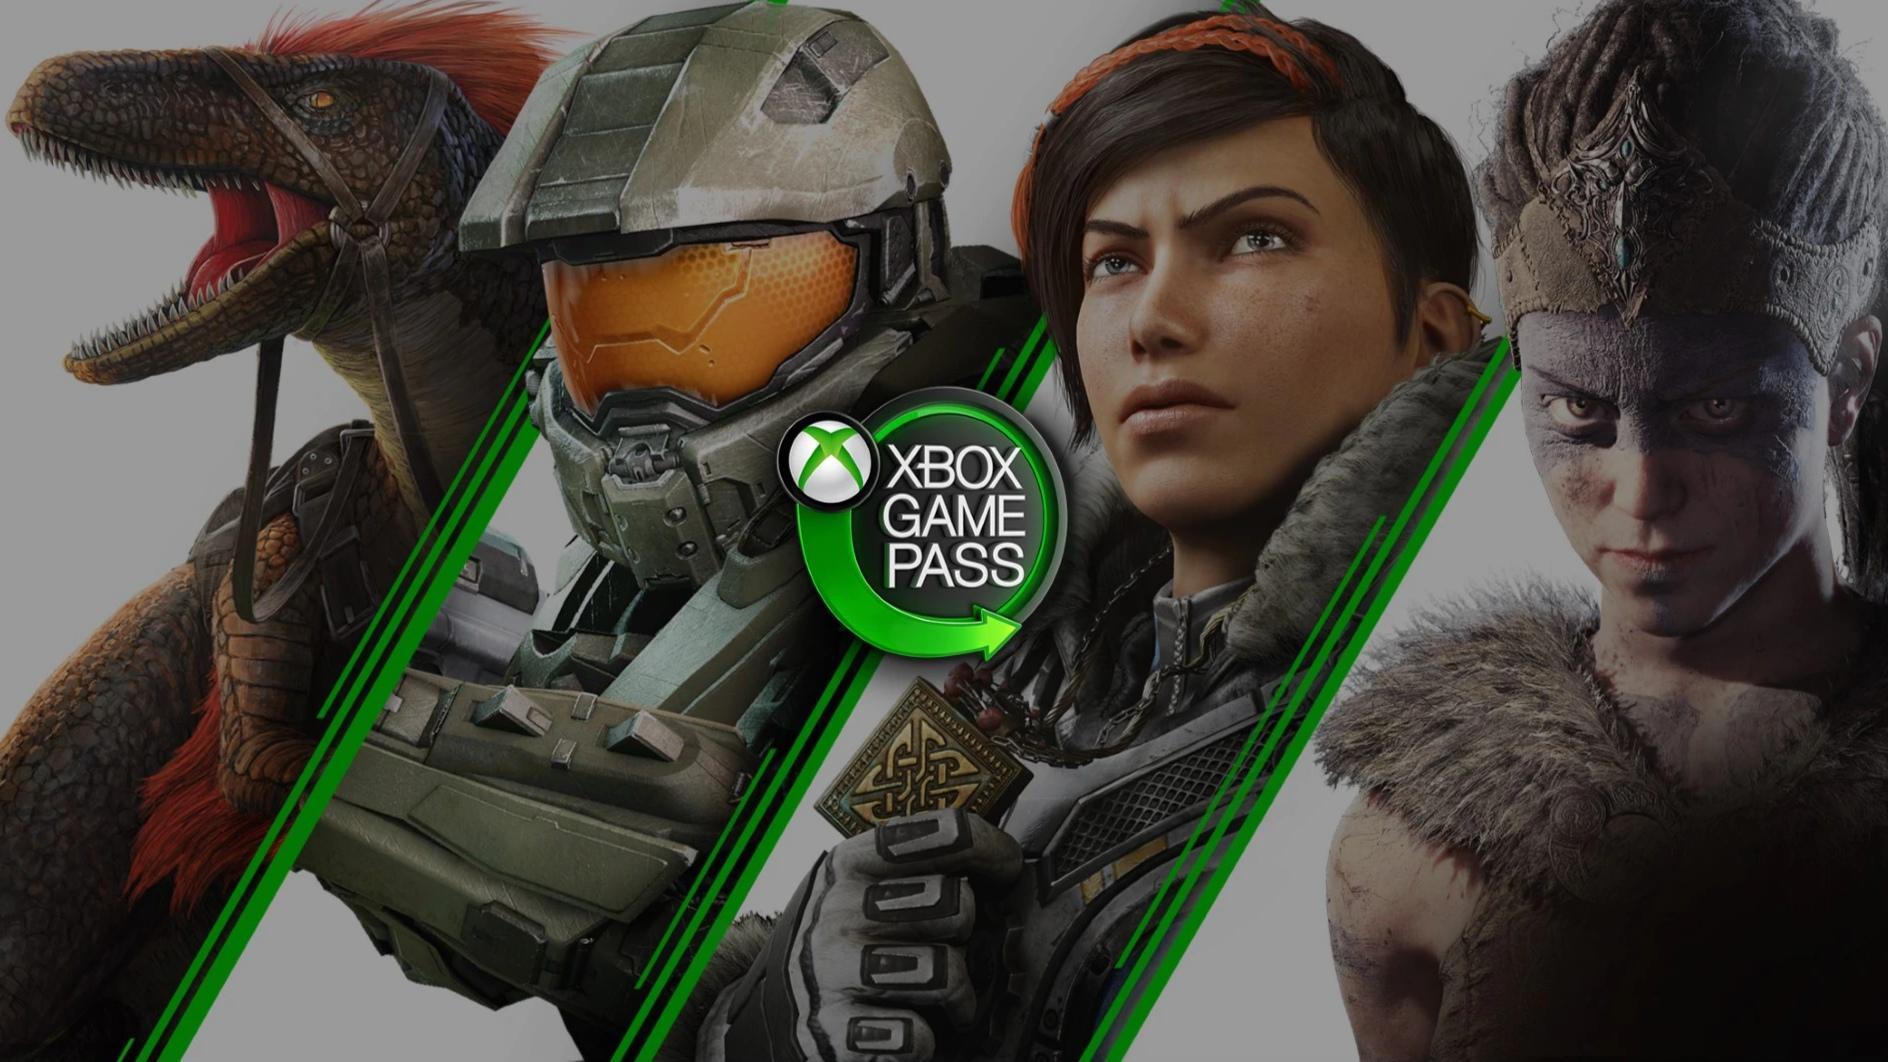 Služba Xbox Game Pass vítá opět nové tituly, mezi nimiž i úplné novinky